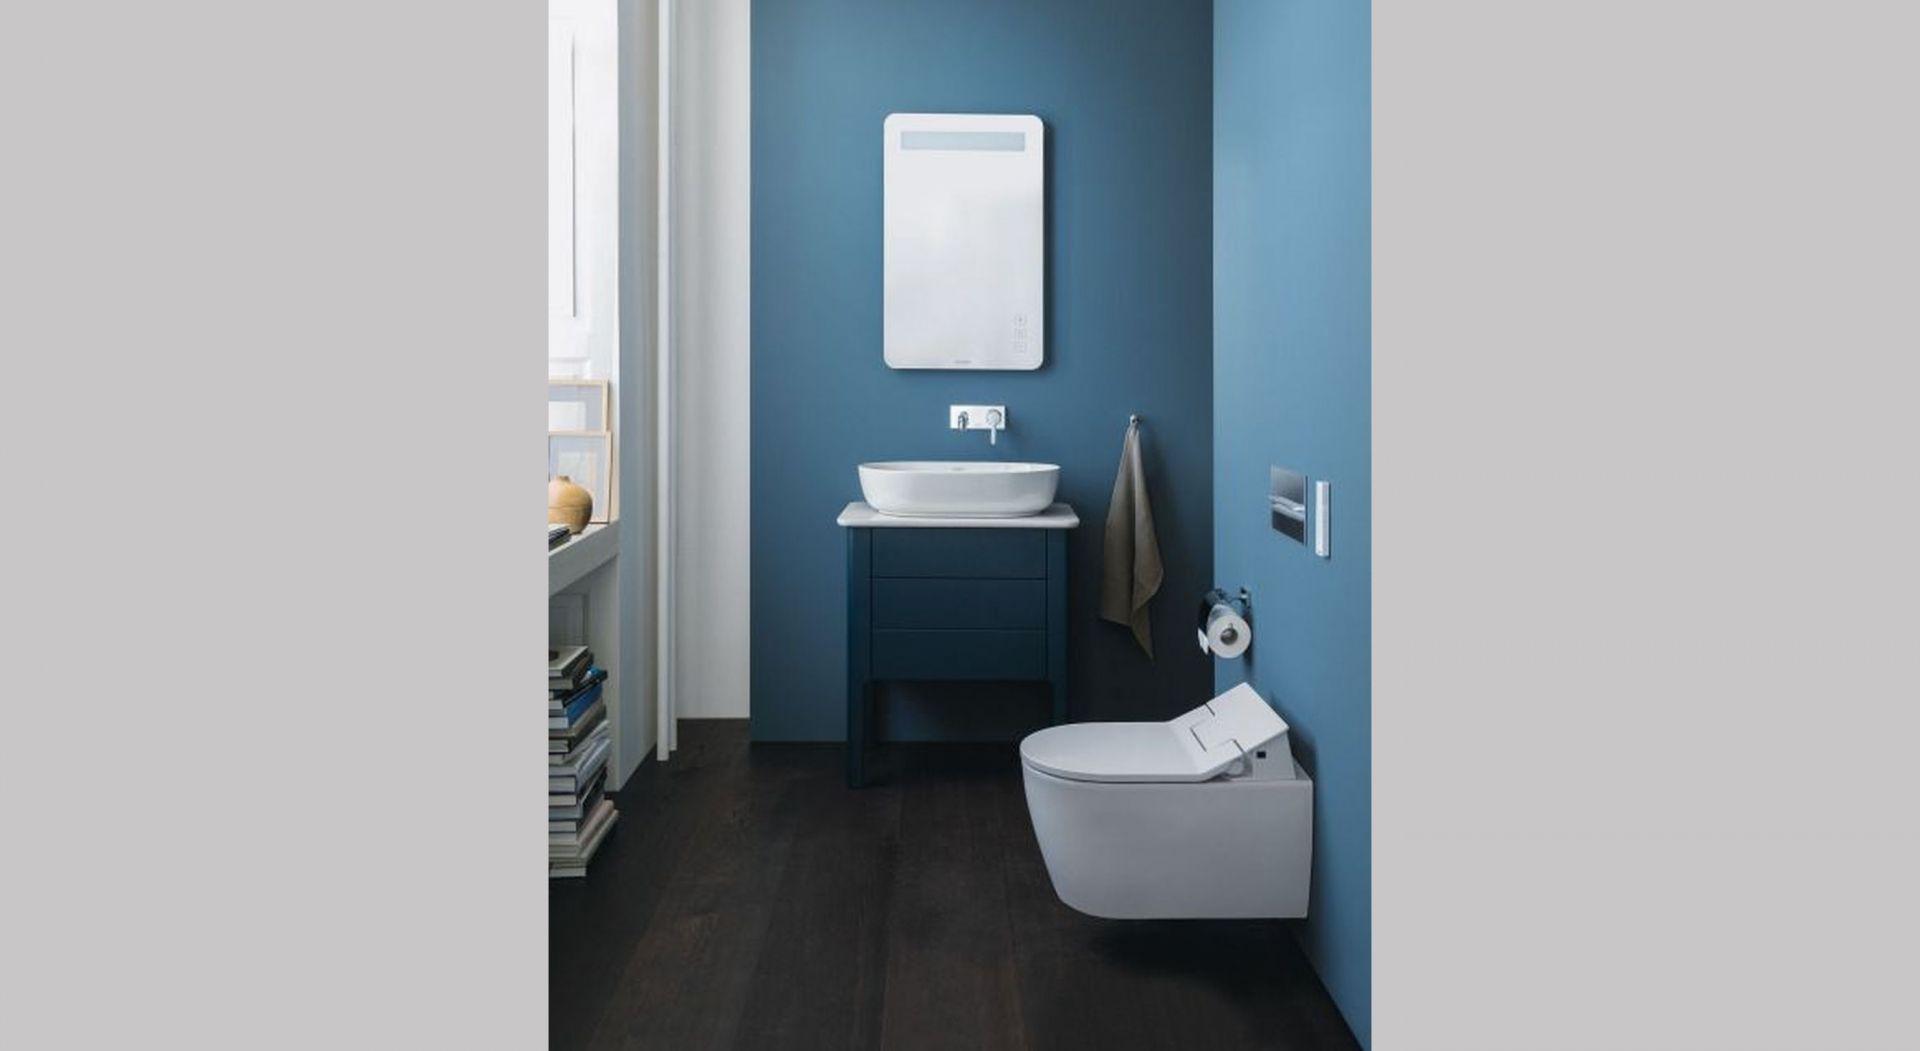 Seria łazienkowa Luv Cecilie Manz z delikatną, nordycką kolorystyką jest idealna do subtelnego wystroju łazienki dla gości. Nowy kolor mebli Migdałowy satynowy mat ma ciepły, ale powściągliwy charakter, otwierając nowe możliwości projektowania. Fot. Duravit